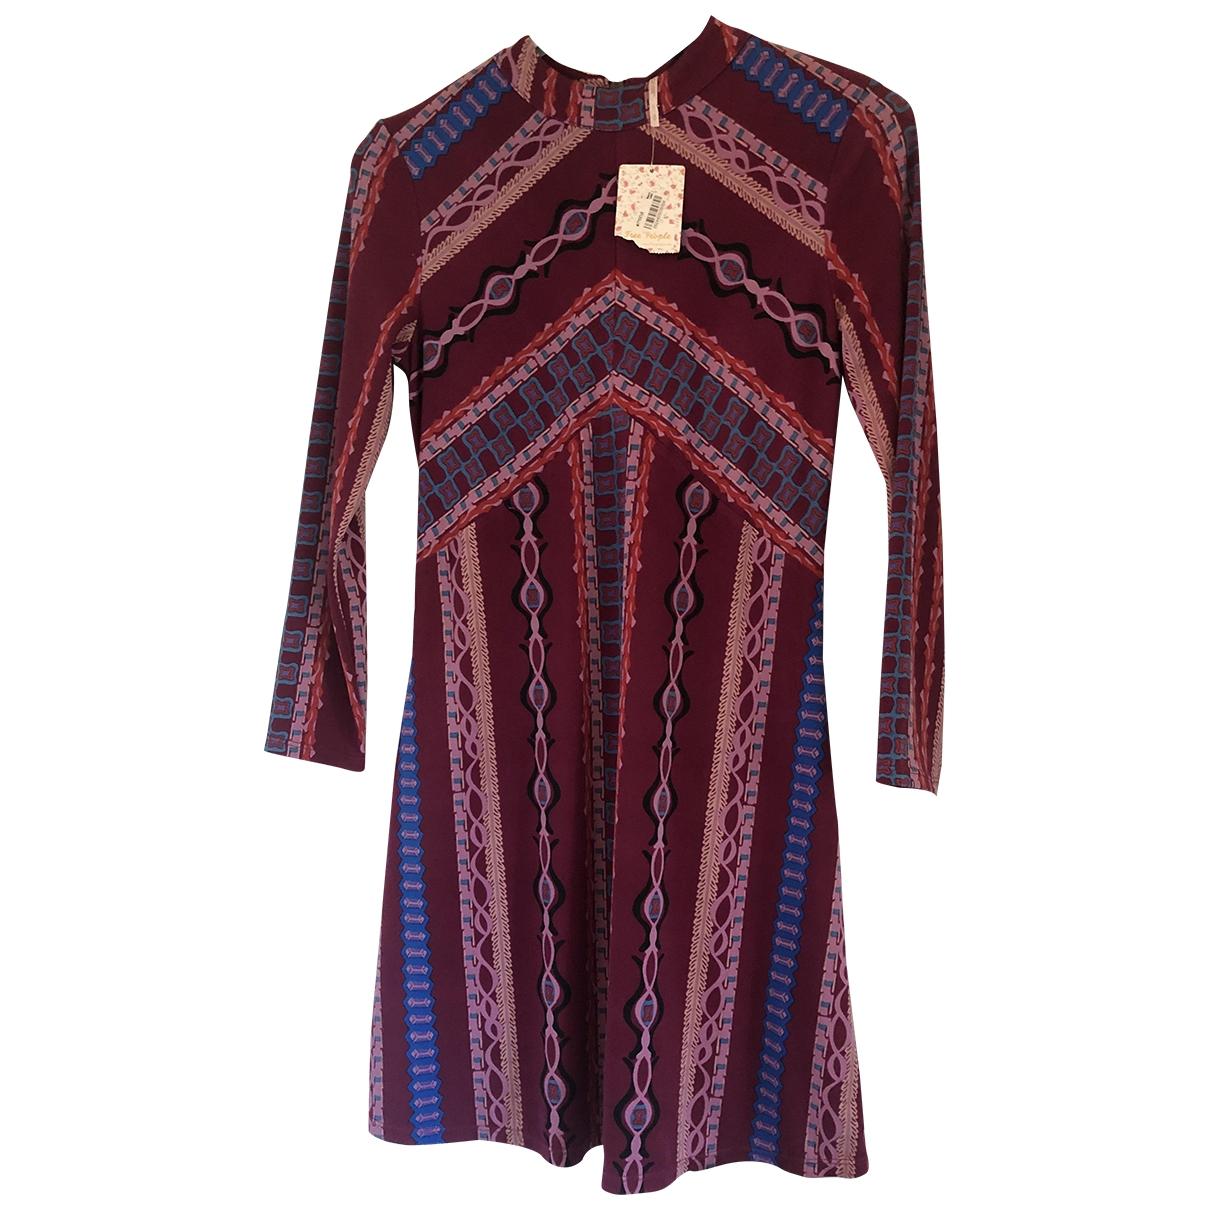 Free People \N Kleid in  Bordeauxrot Polyester